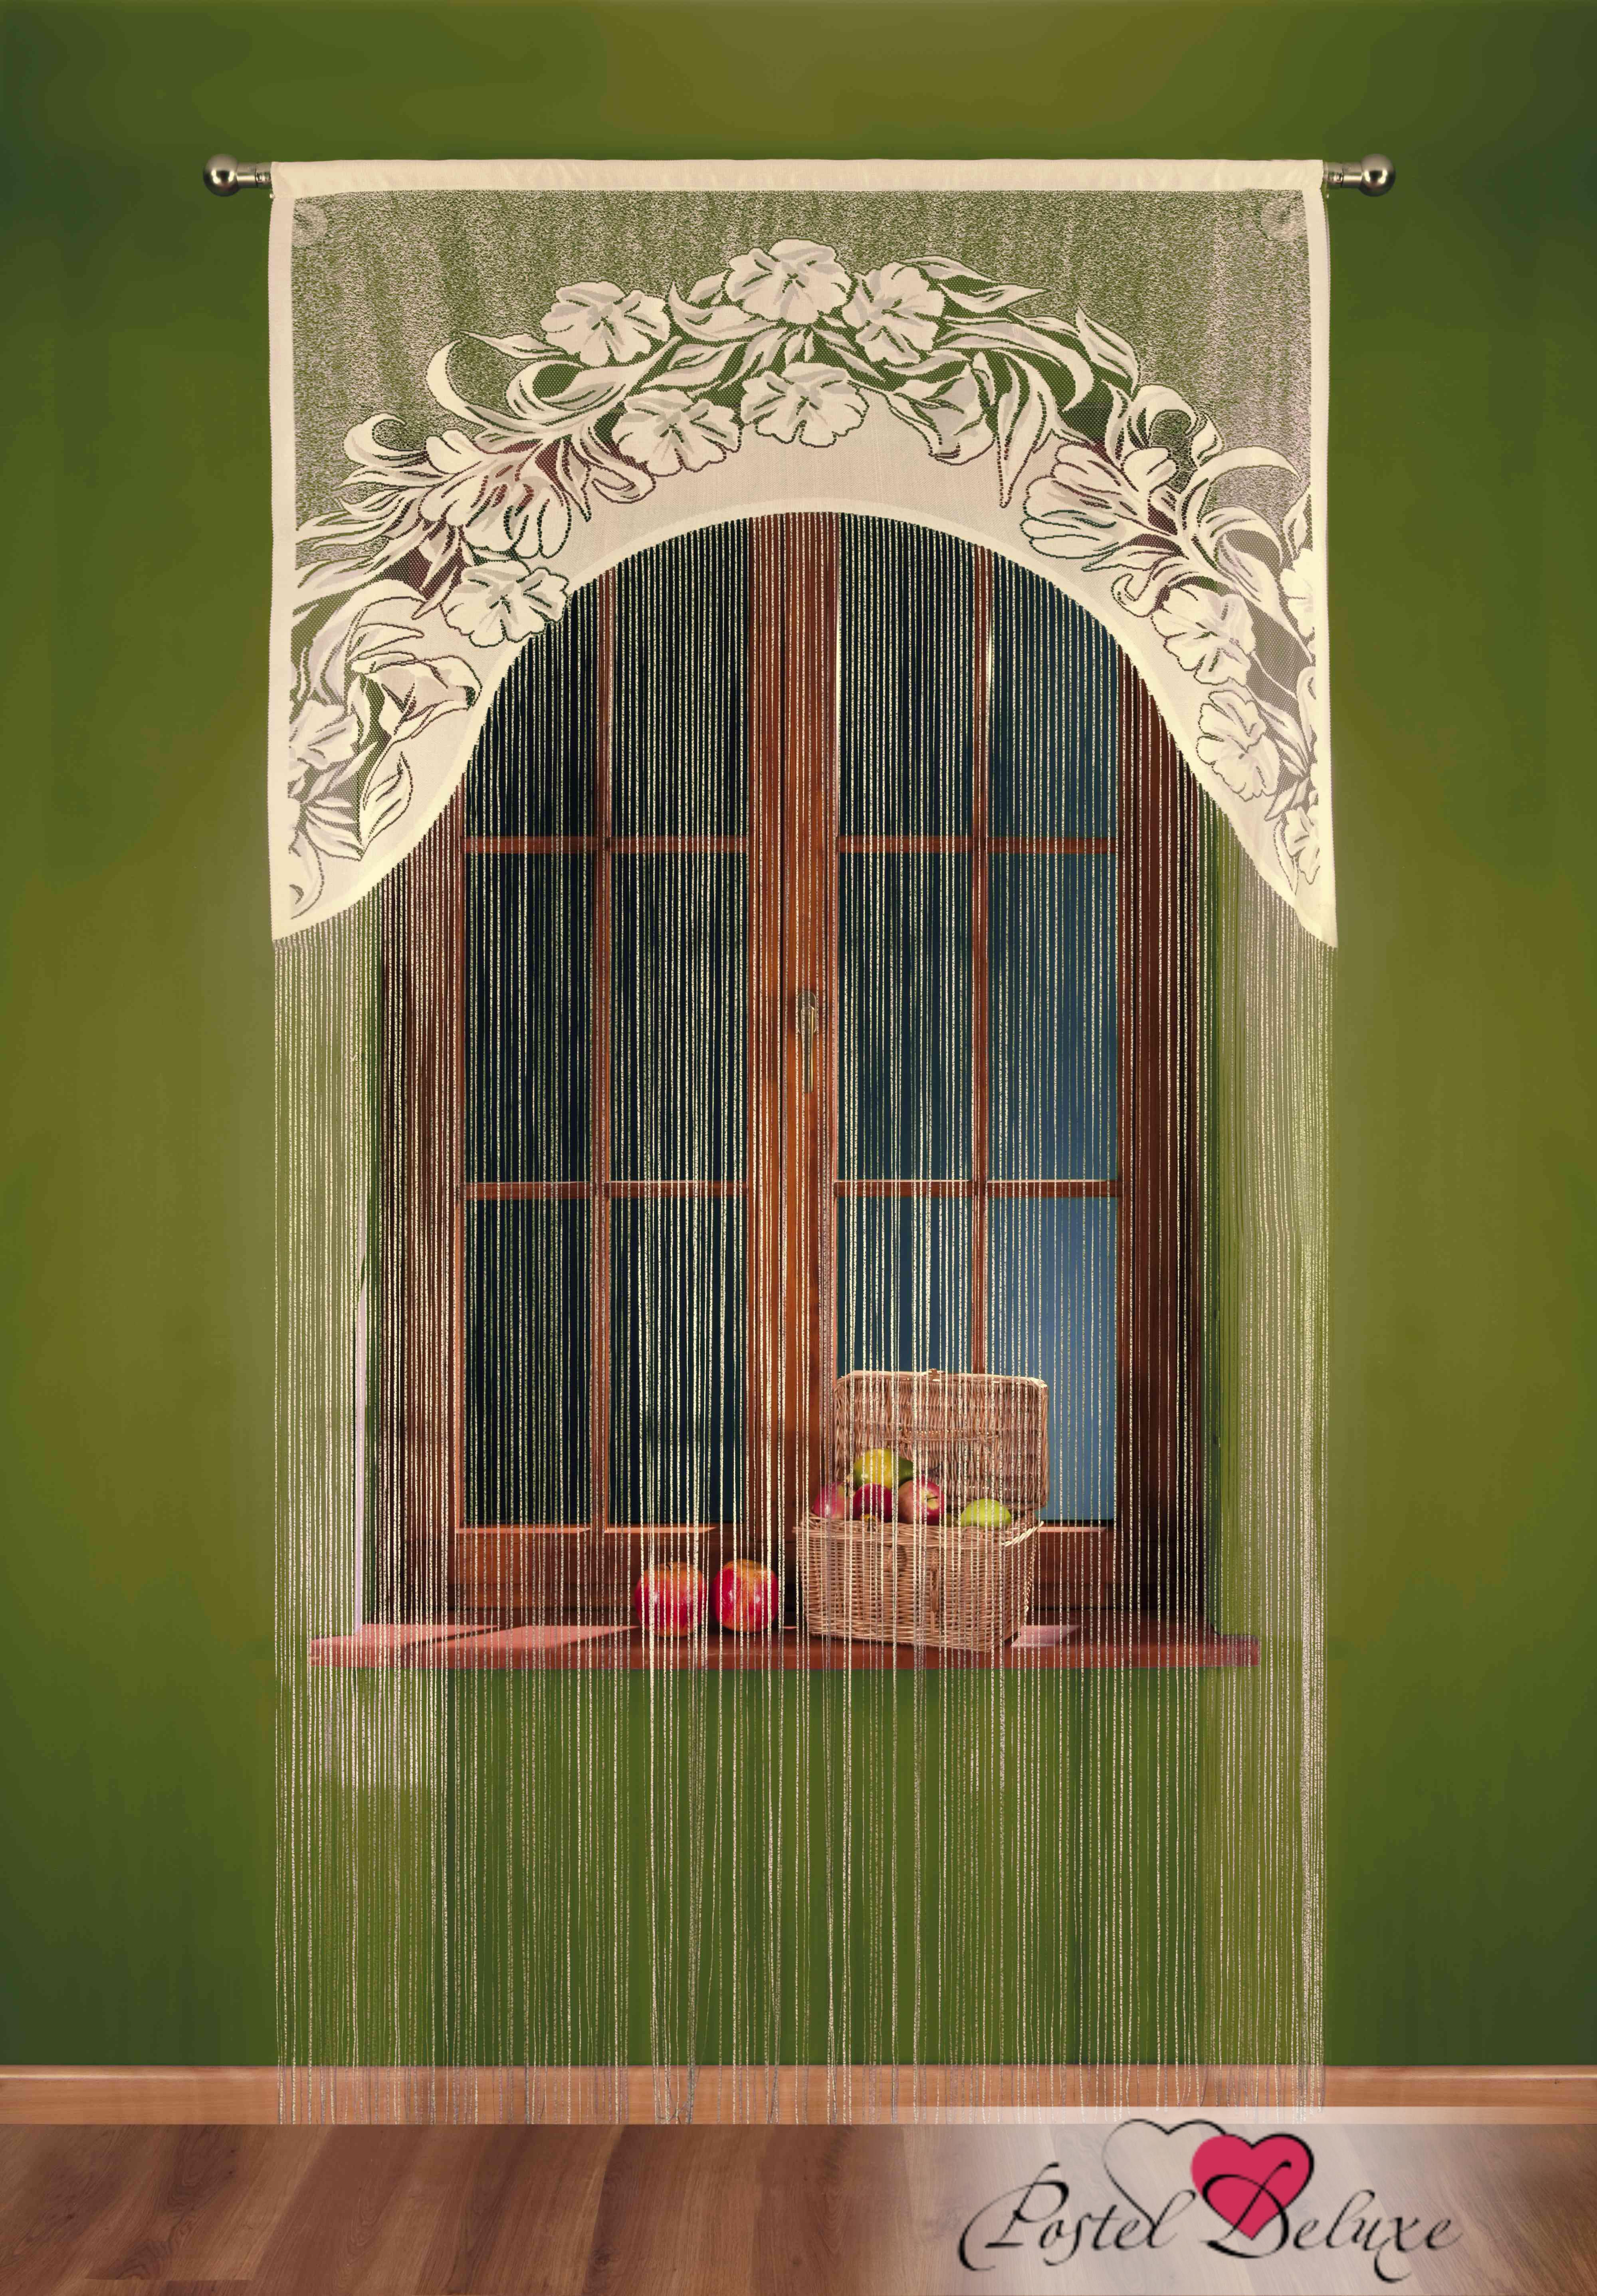 Шторы Wisan Нитяные шторыIvettaЦвет: Кремовый wisan wisan нитяные шторы joelle цвет кремовый бежевый